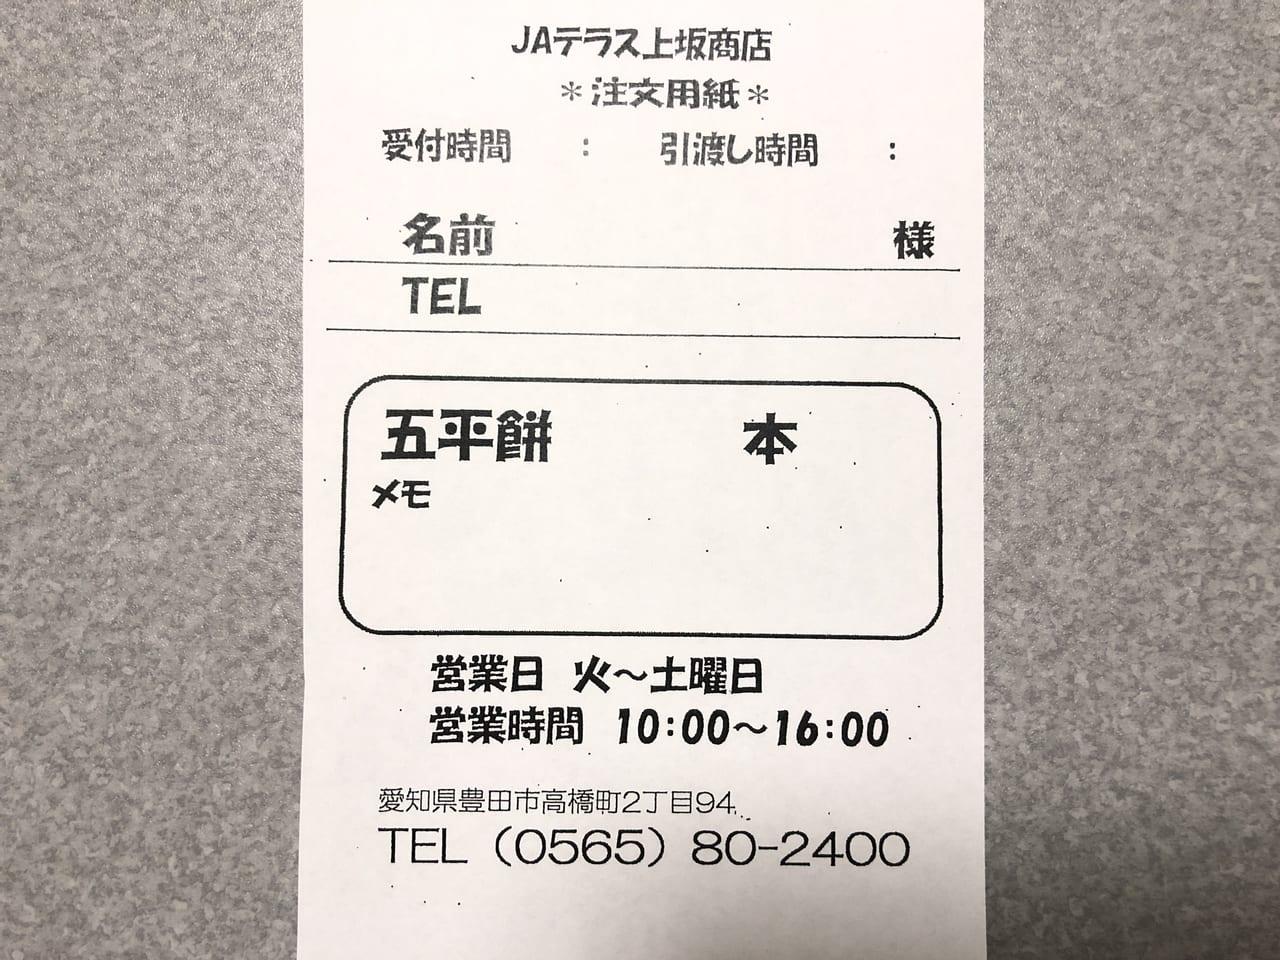 上坂商店注文用紙